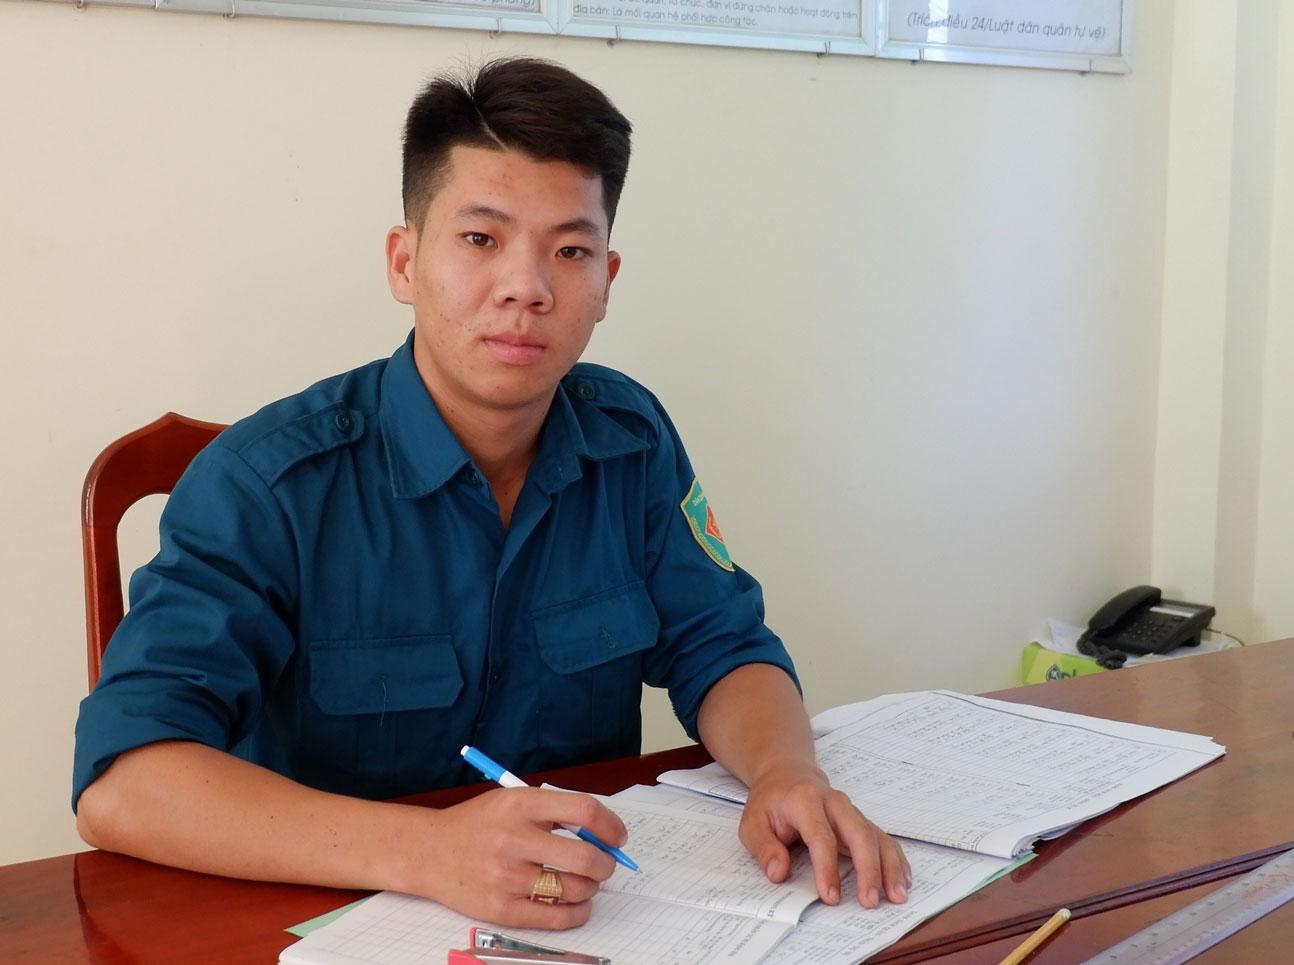 Dân quân thường trực Nguyễn Hoài Phong luôn trách nhiệm trong công việc